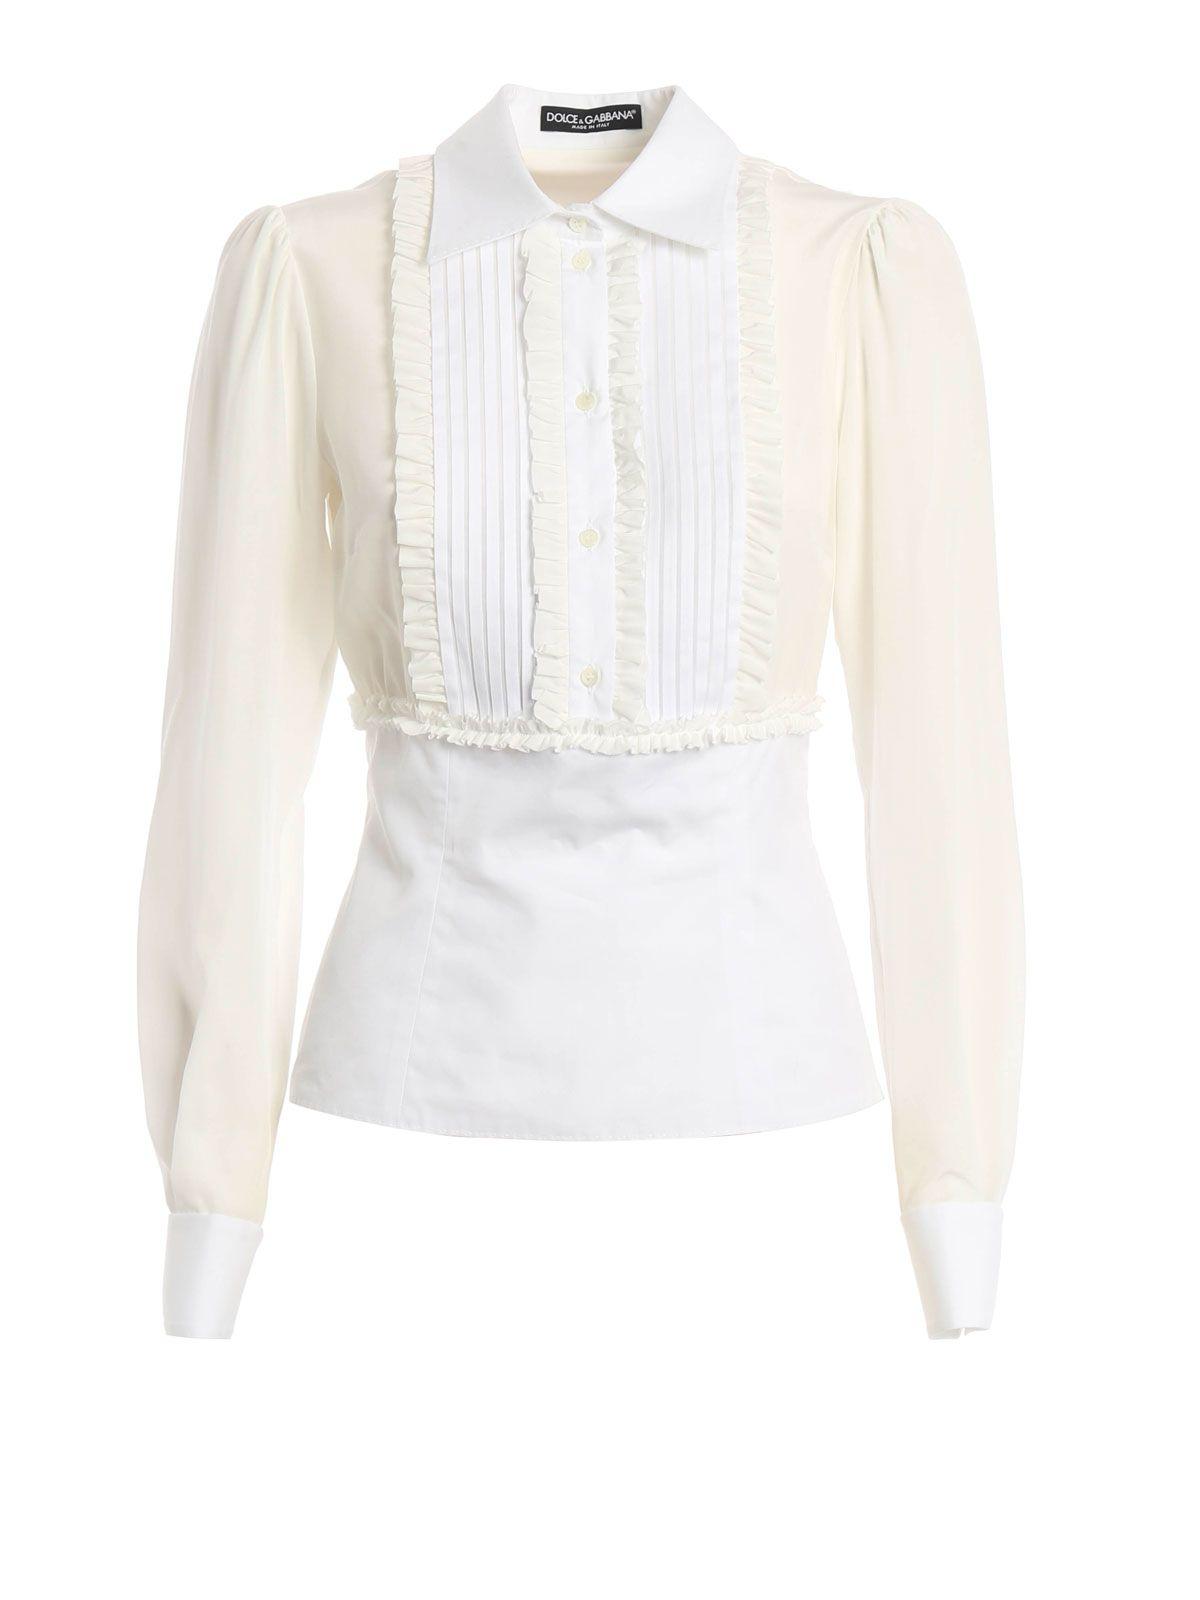 Dolce & Gabbana Dolce & Gabbana Ruffled Bib Shirt